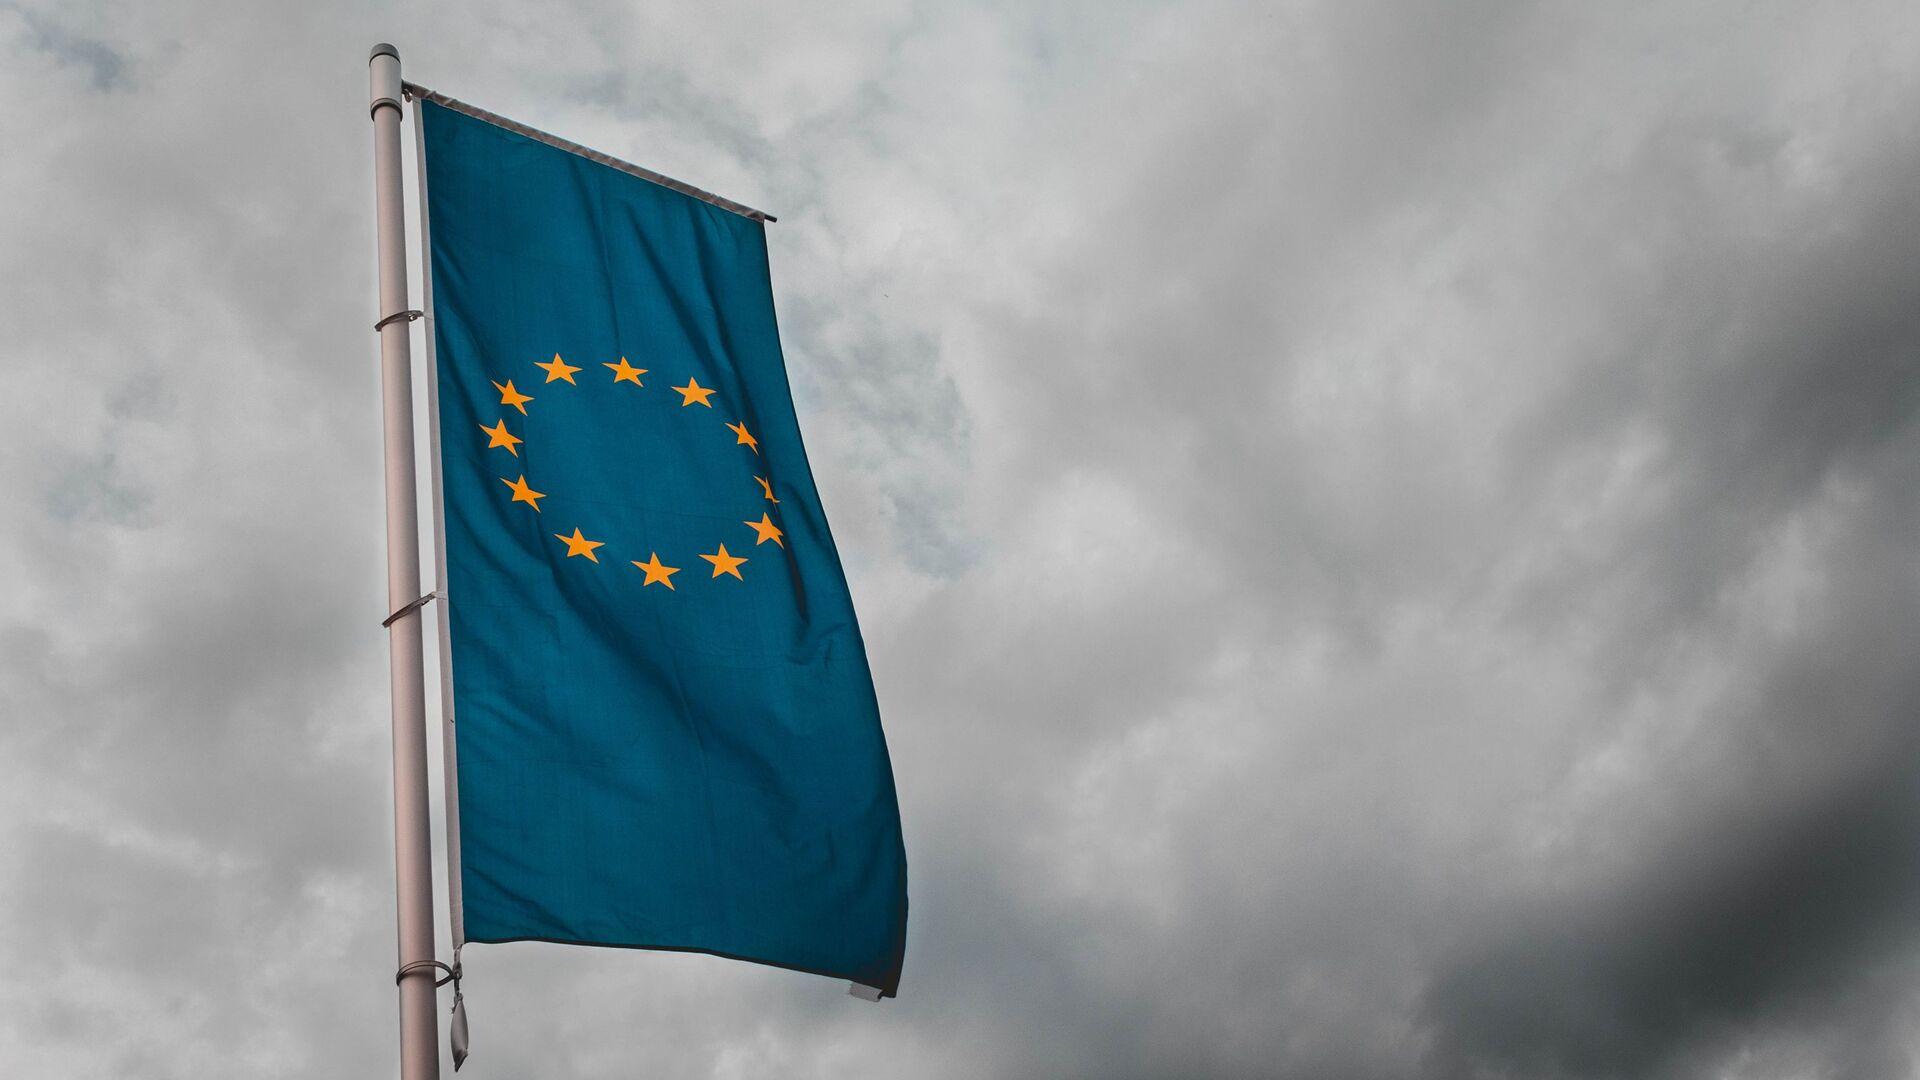 Bandera de la Unión Europea - Sputnik Mundo, 1920, 30.09.2021